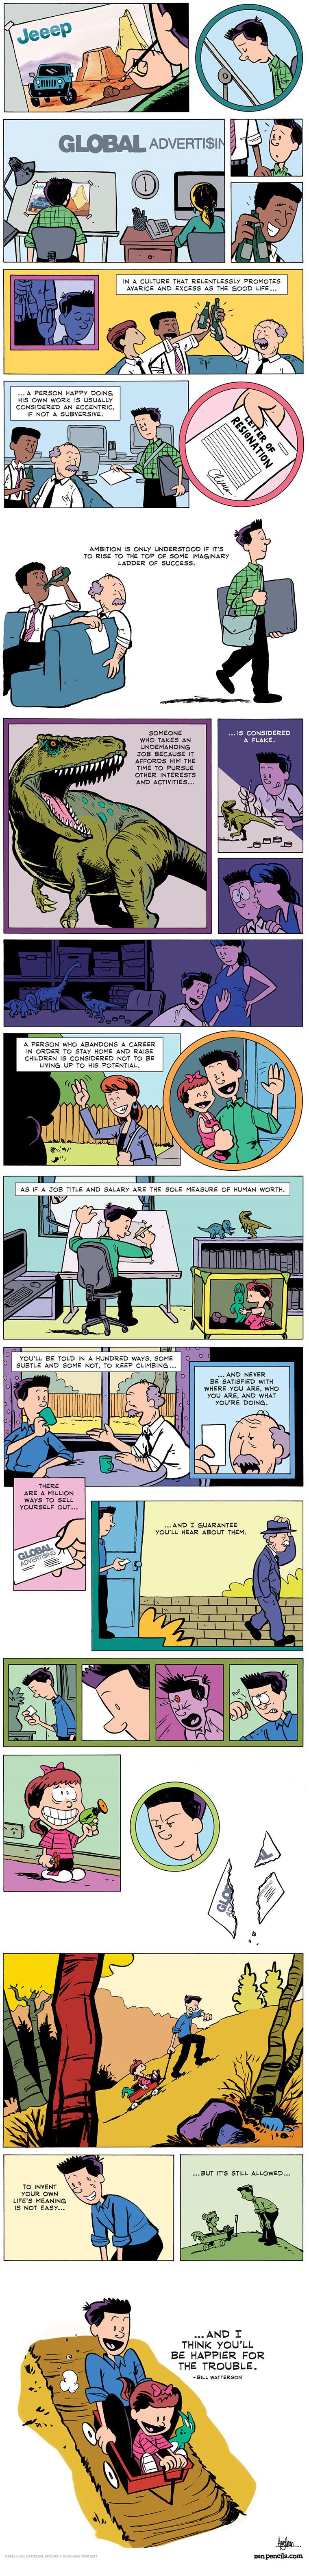 Comic: Erfüllung im Leben finden Bill_Watterson_02